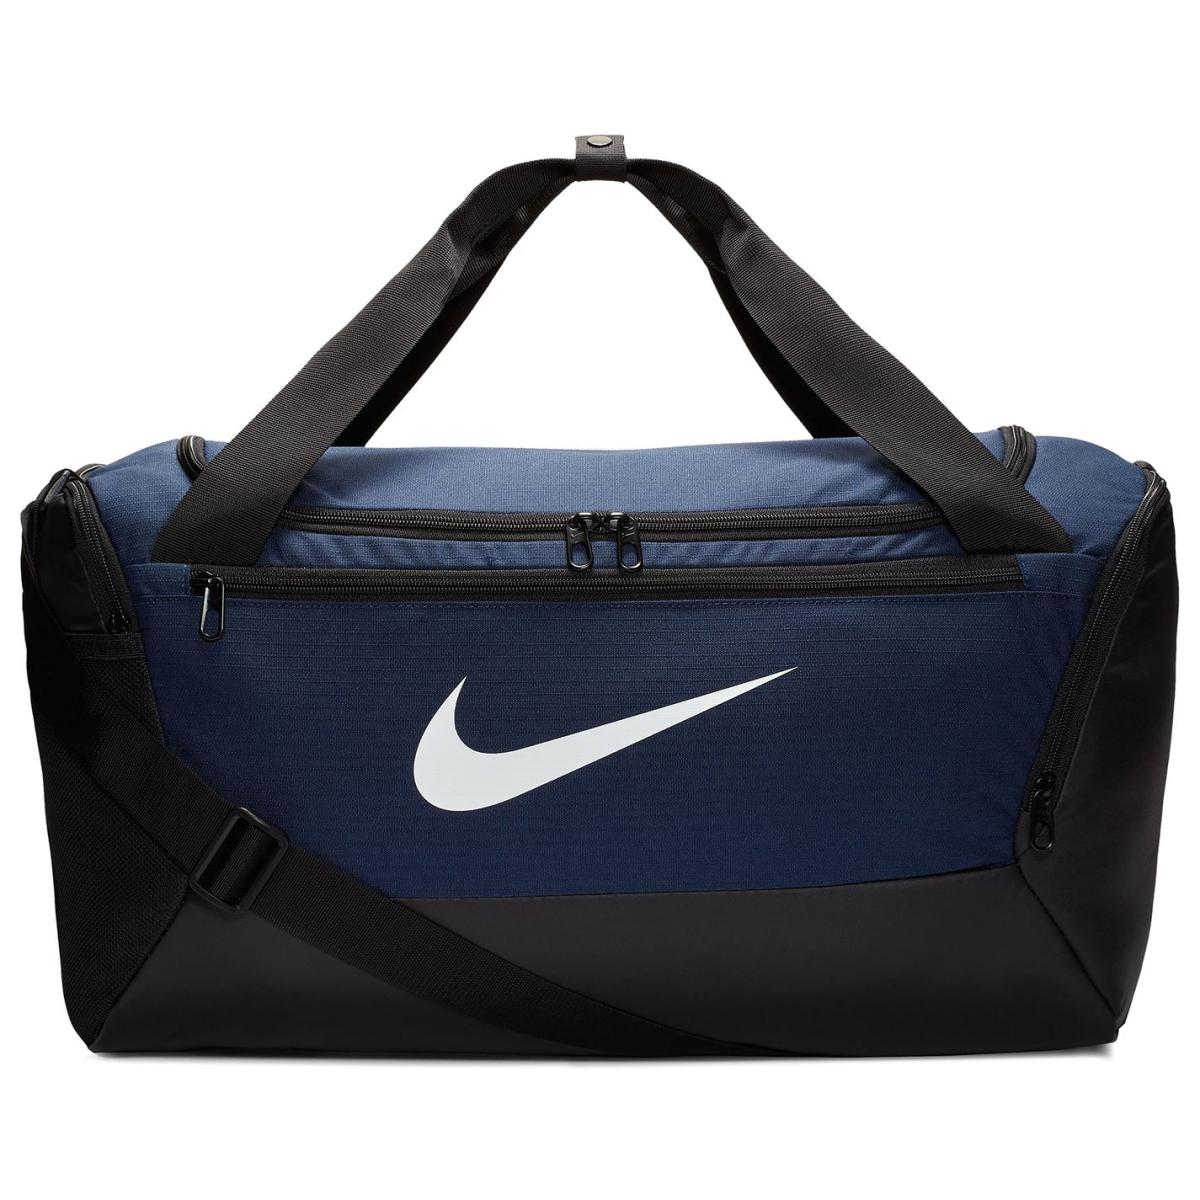 Nike Sporttasche Trainingstasche Fußballtasche Reisetasche Brasilia Small 1042